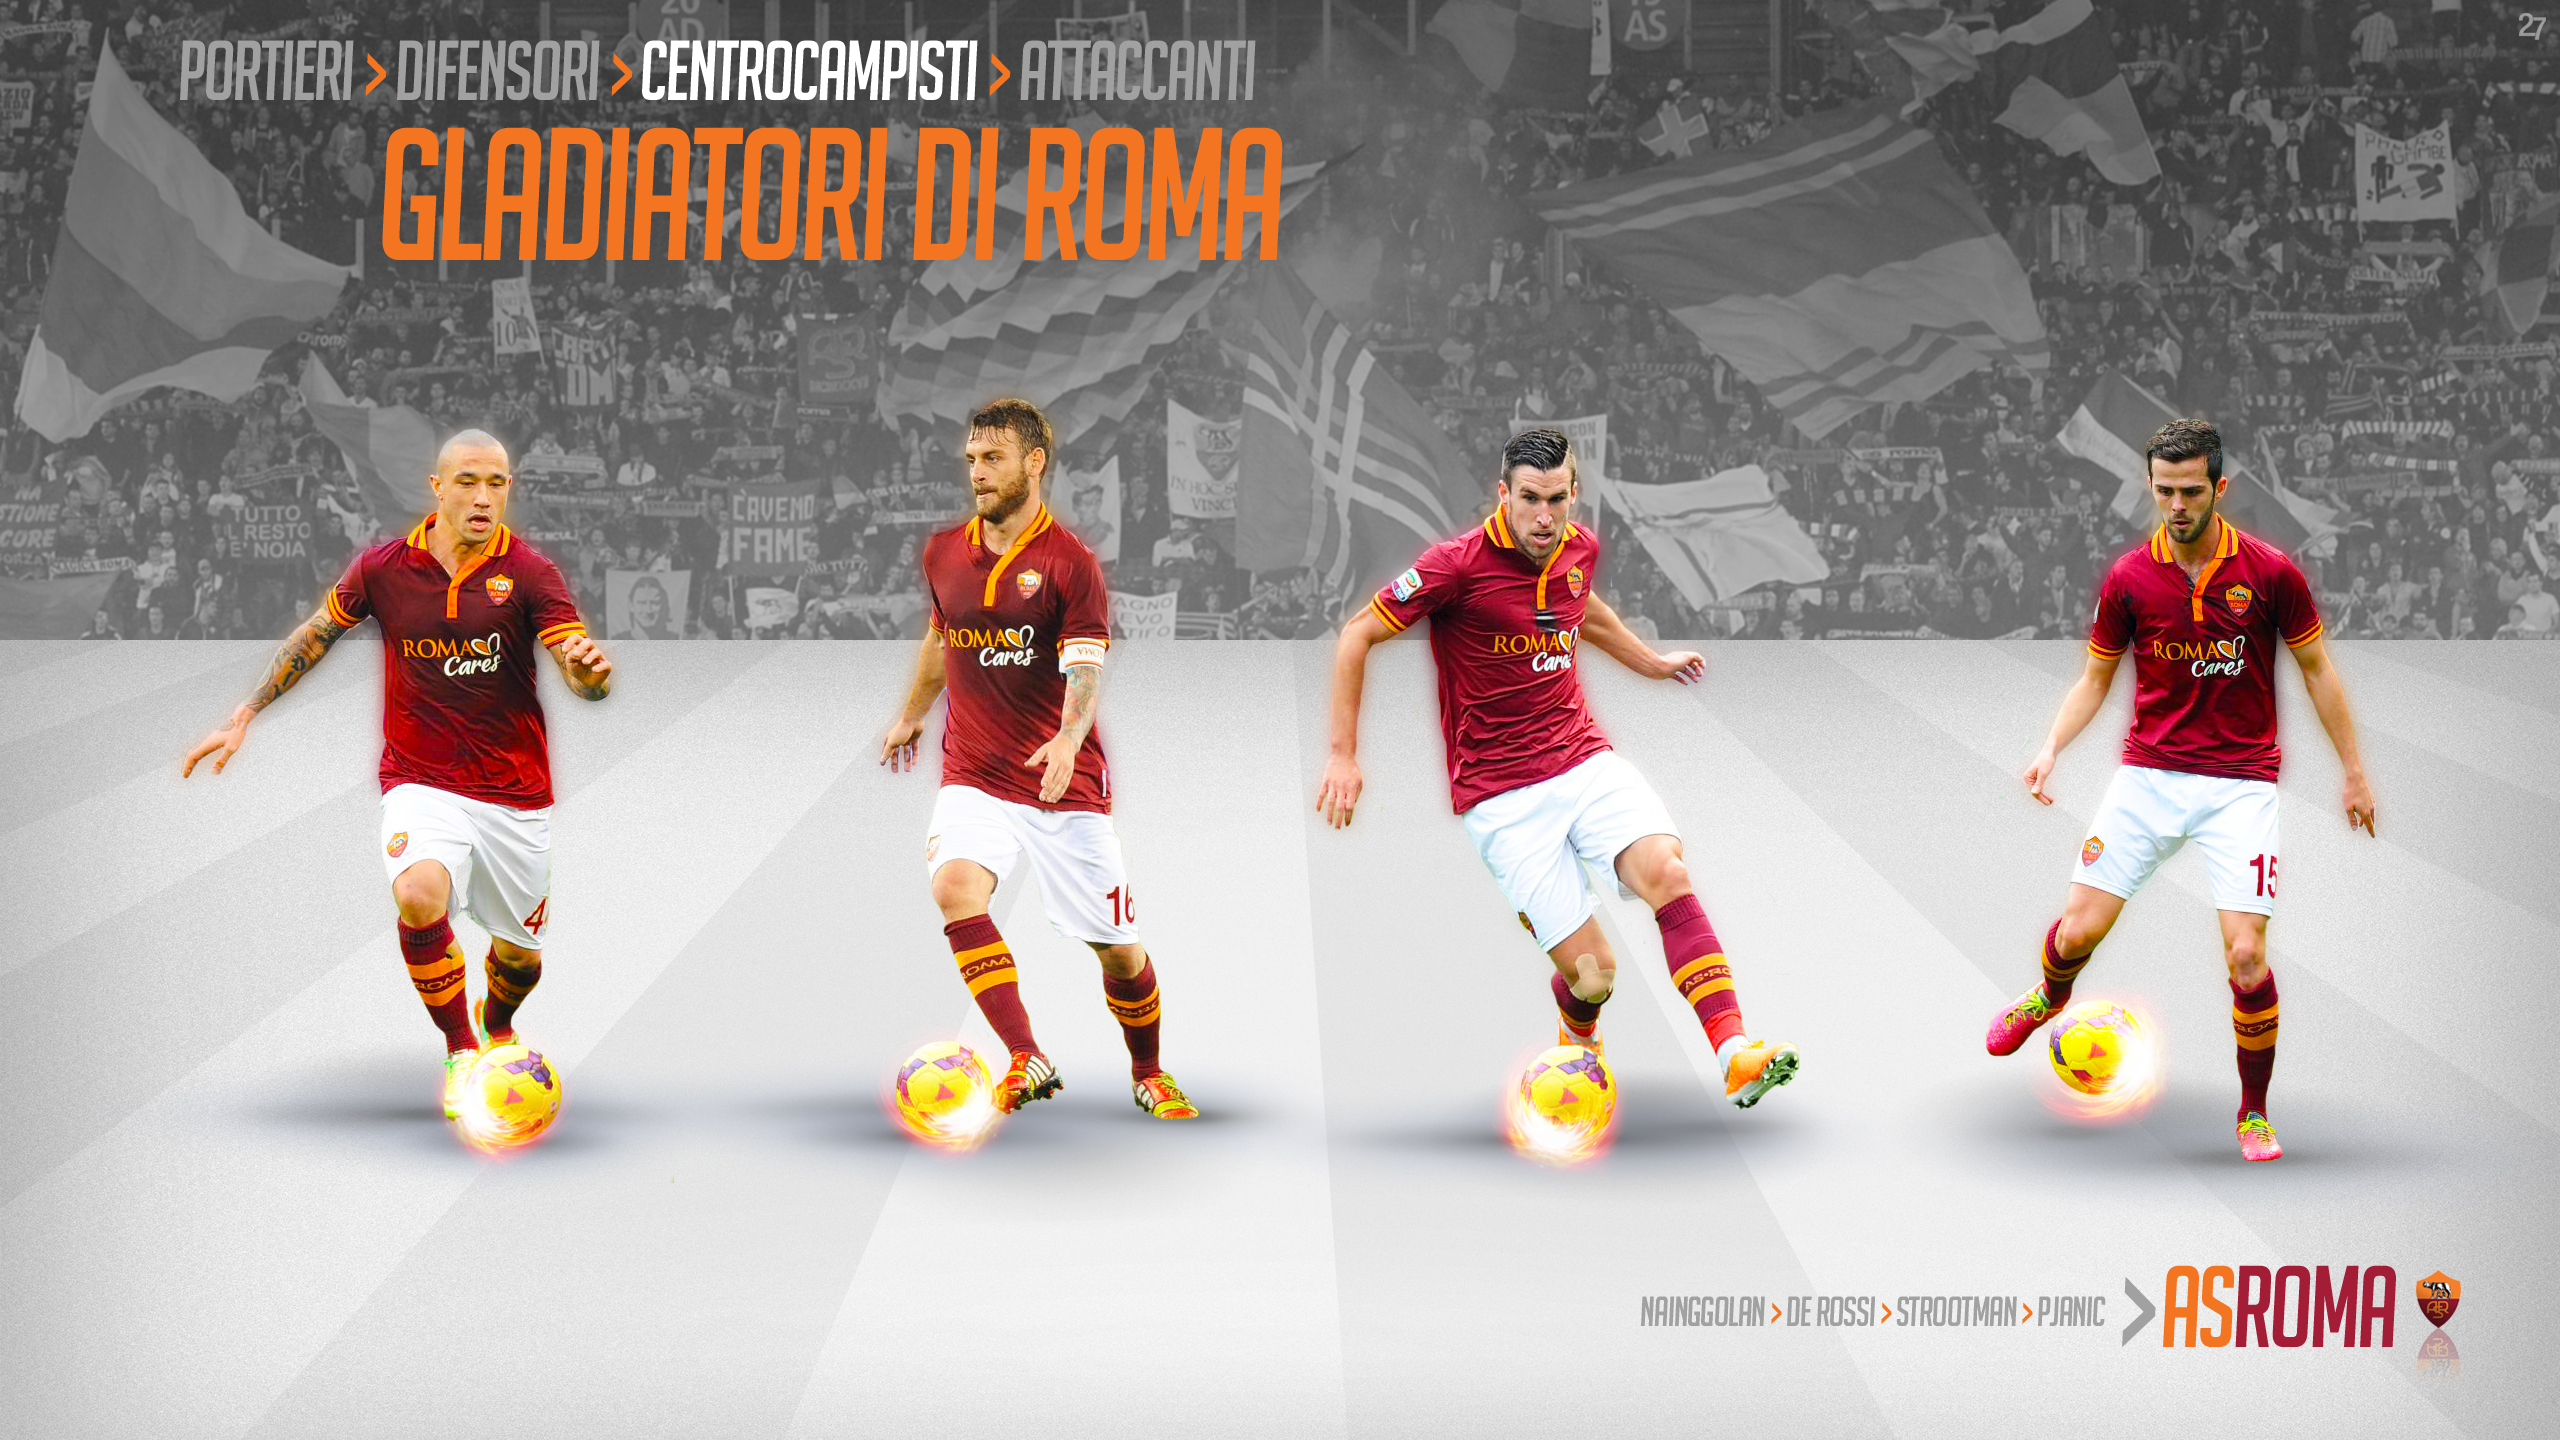 squadra calcio portuense rome - photo#44